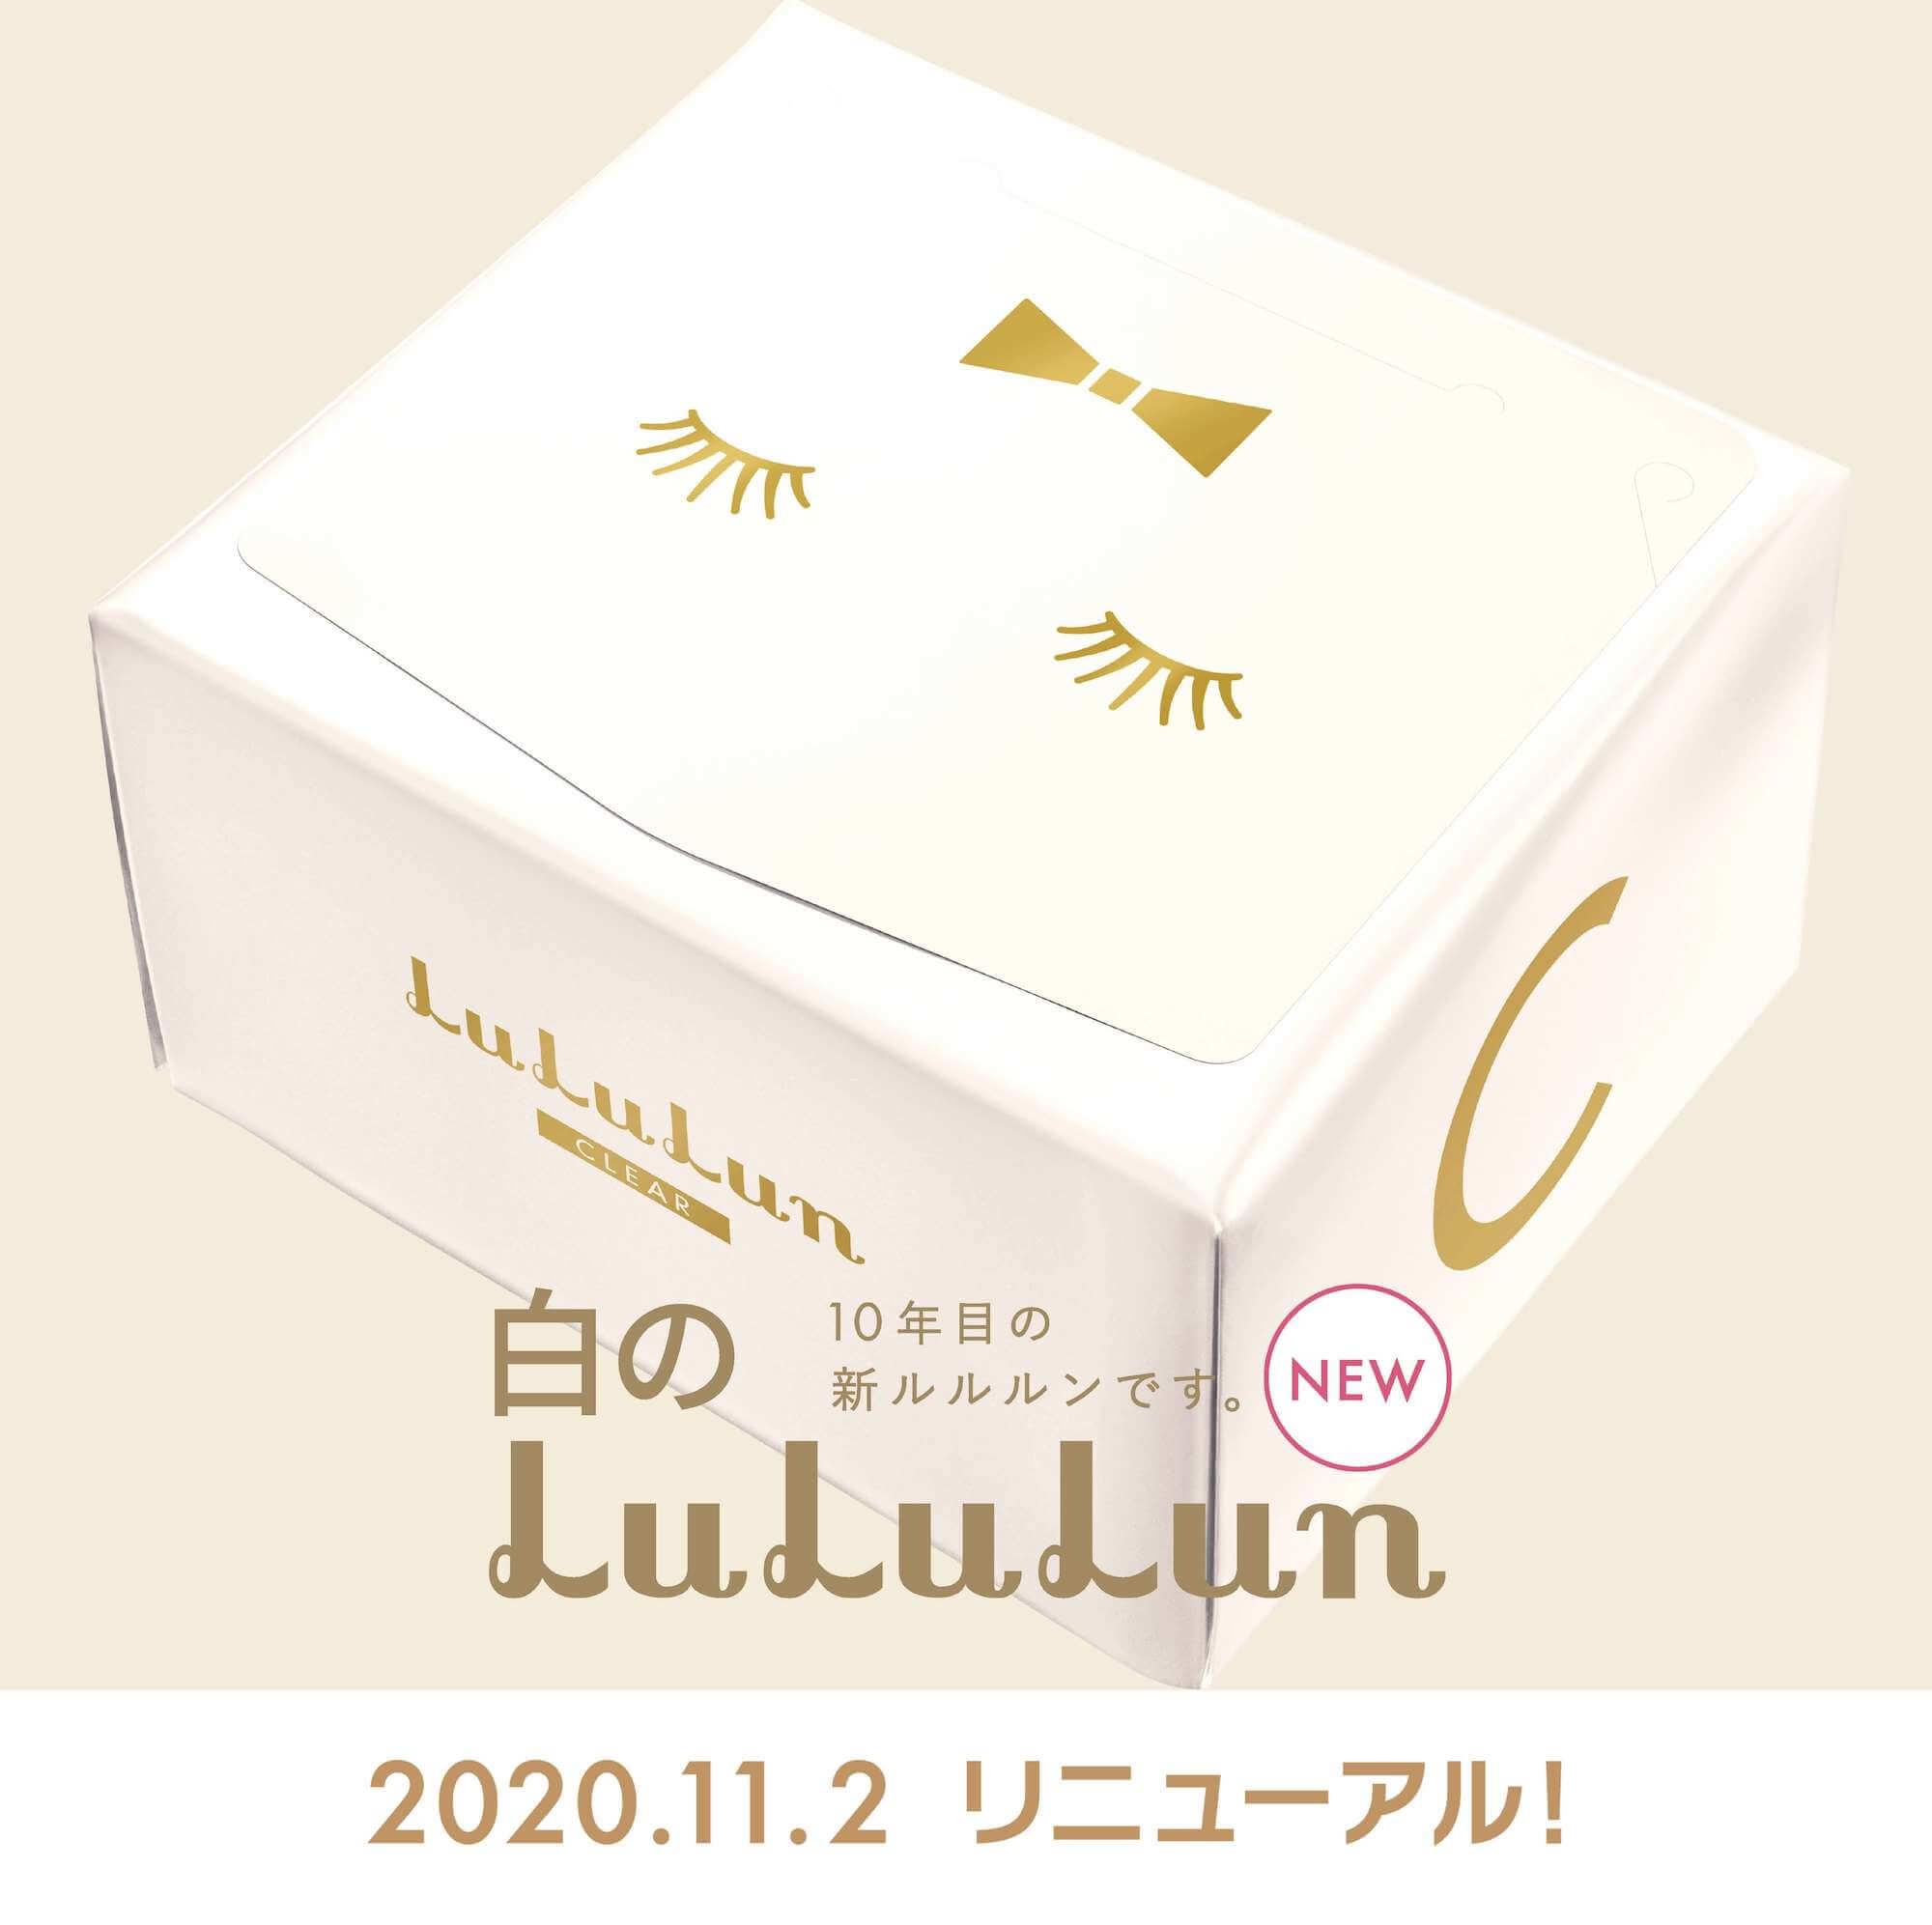 白のルルルン さっぱり透明感タイプ 32枚入り/¥1,600、10枚入り/¥600(ともに税抜き)